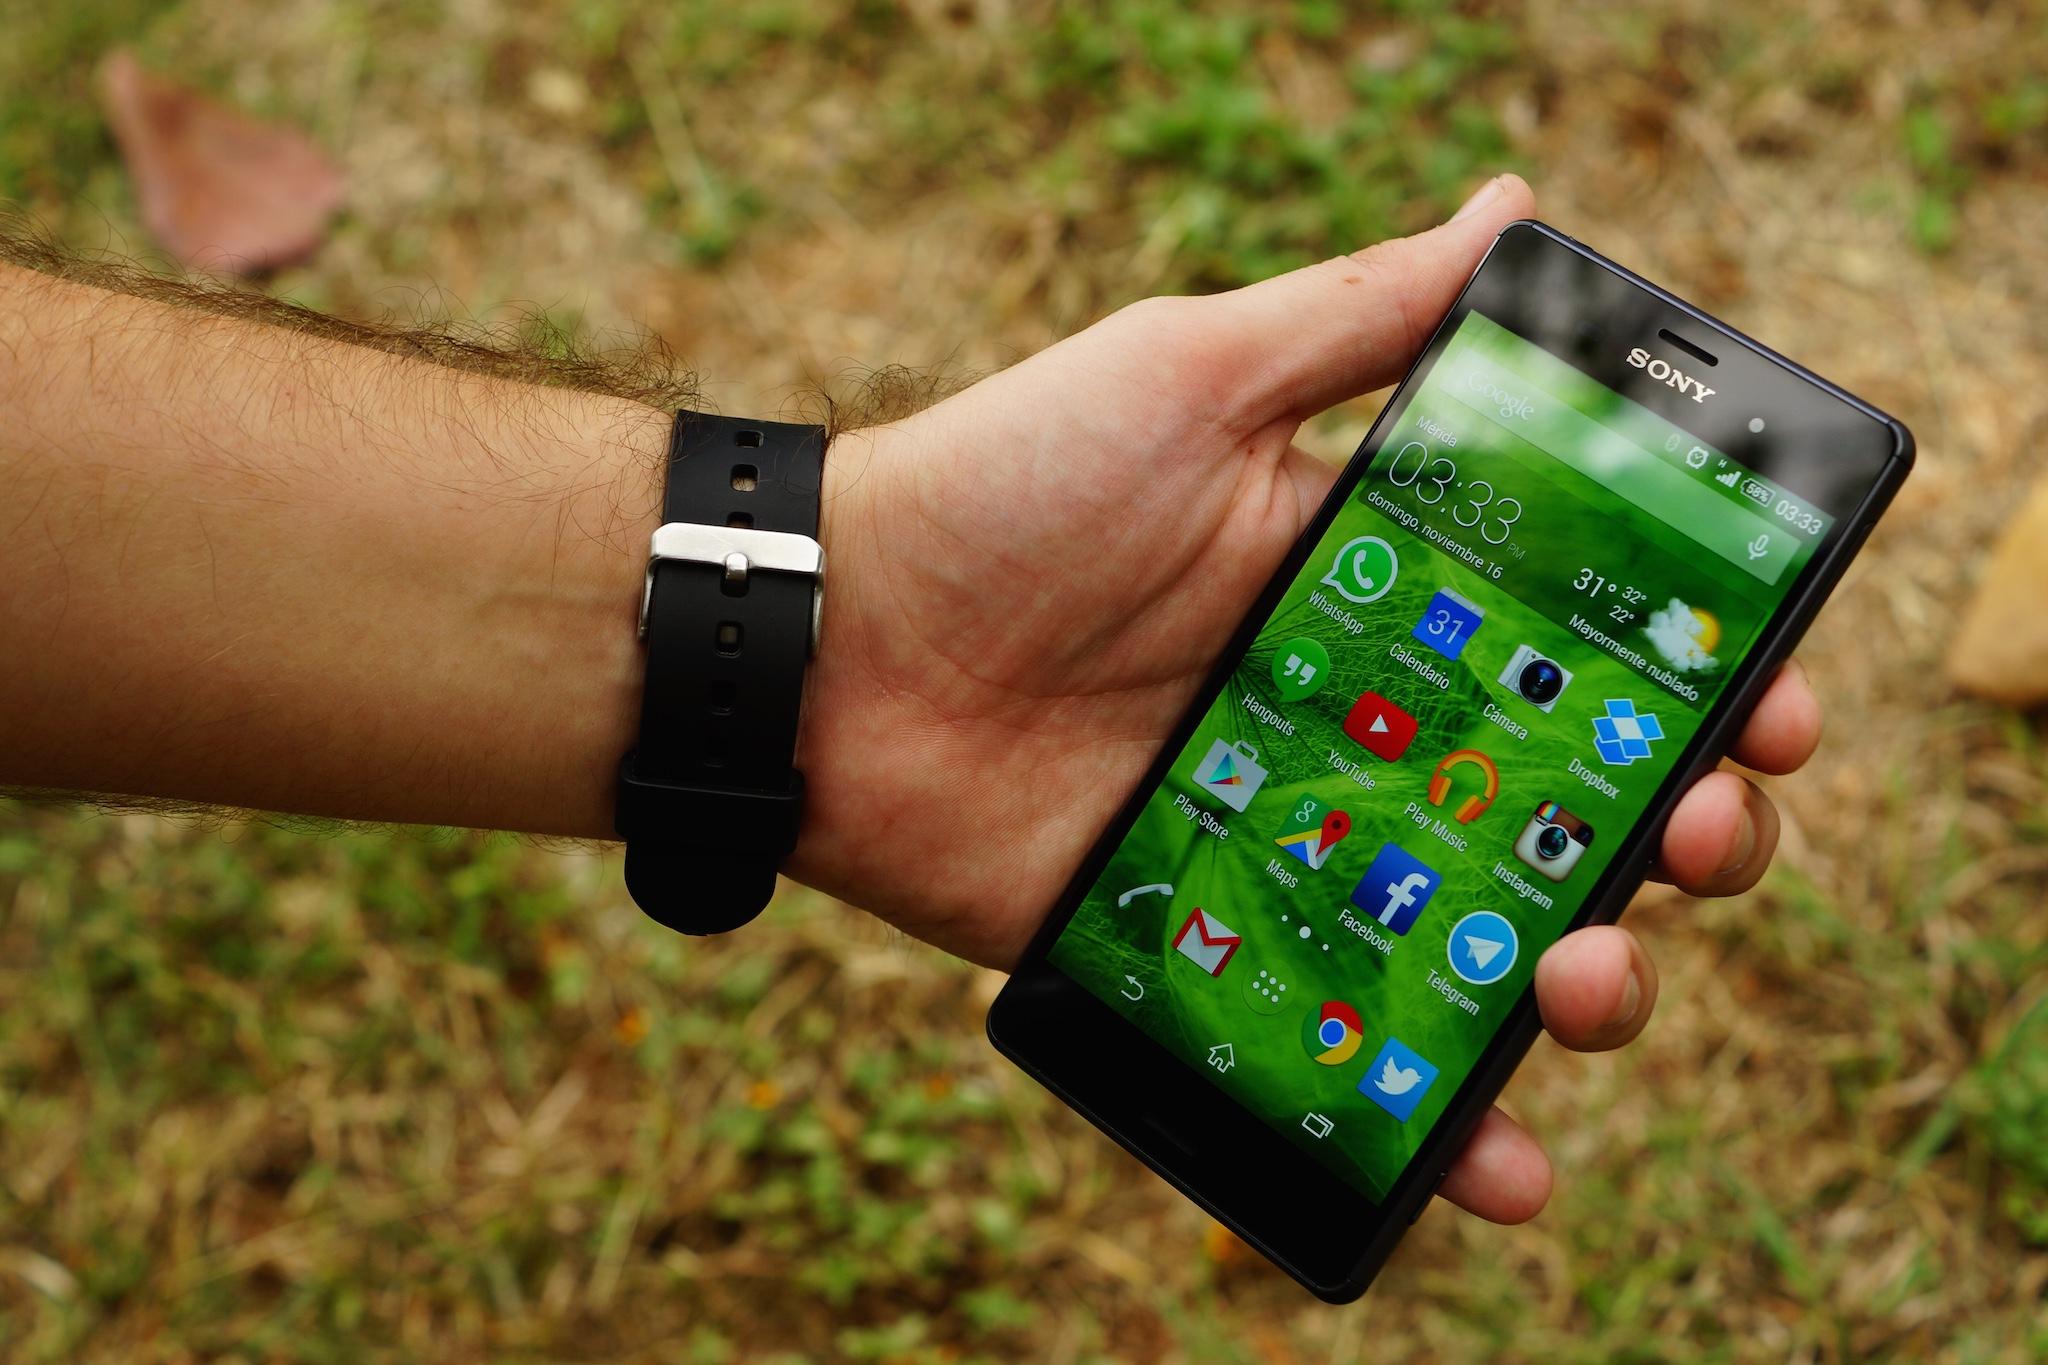 Sony Xperia Z3, una vez más, lo mejor de Sony en un smartphone [Reseña] - DSC06441sssss